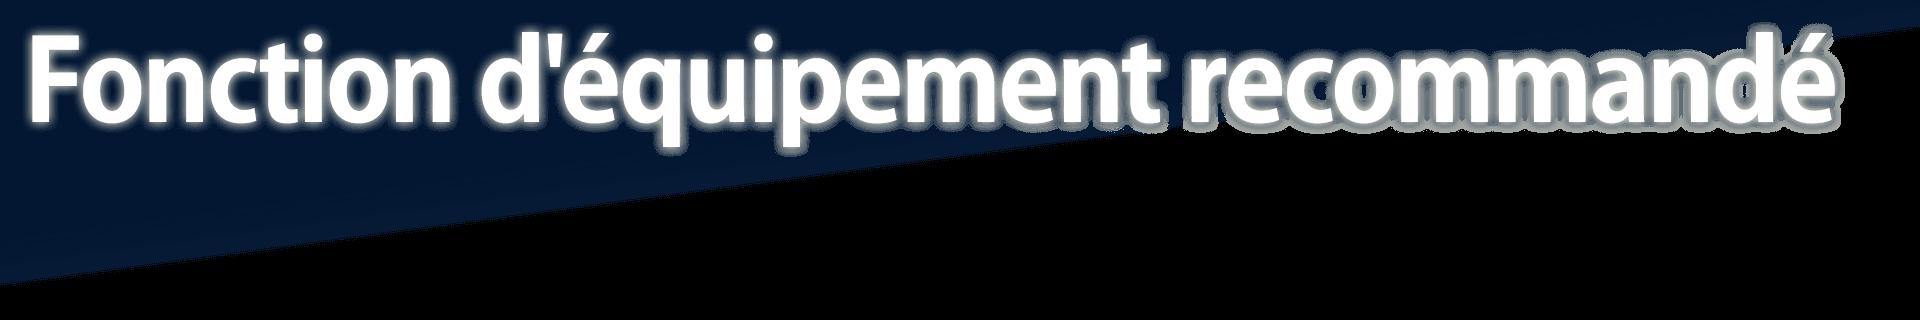 Fonction d'équipement recommandé